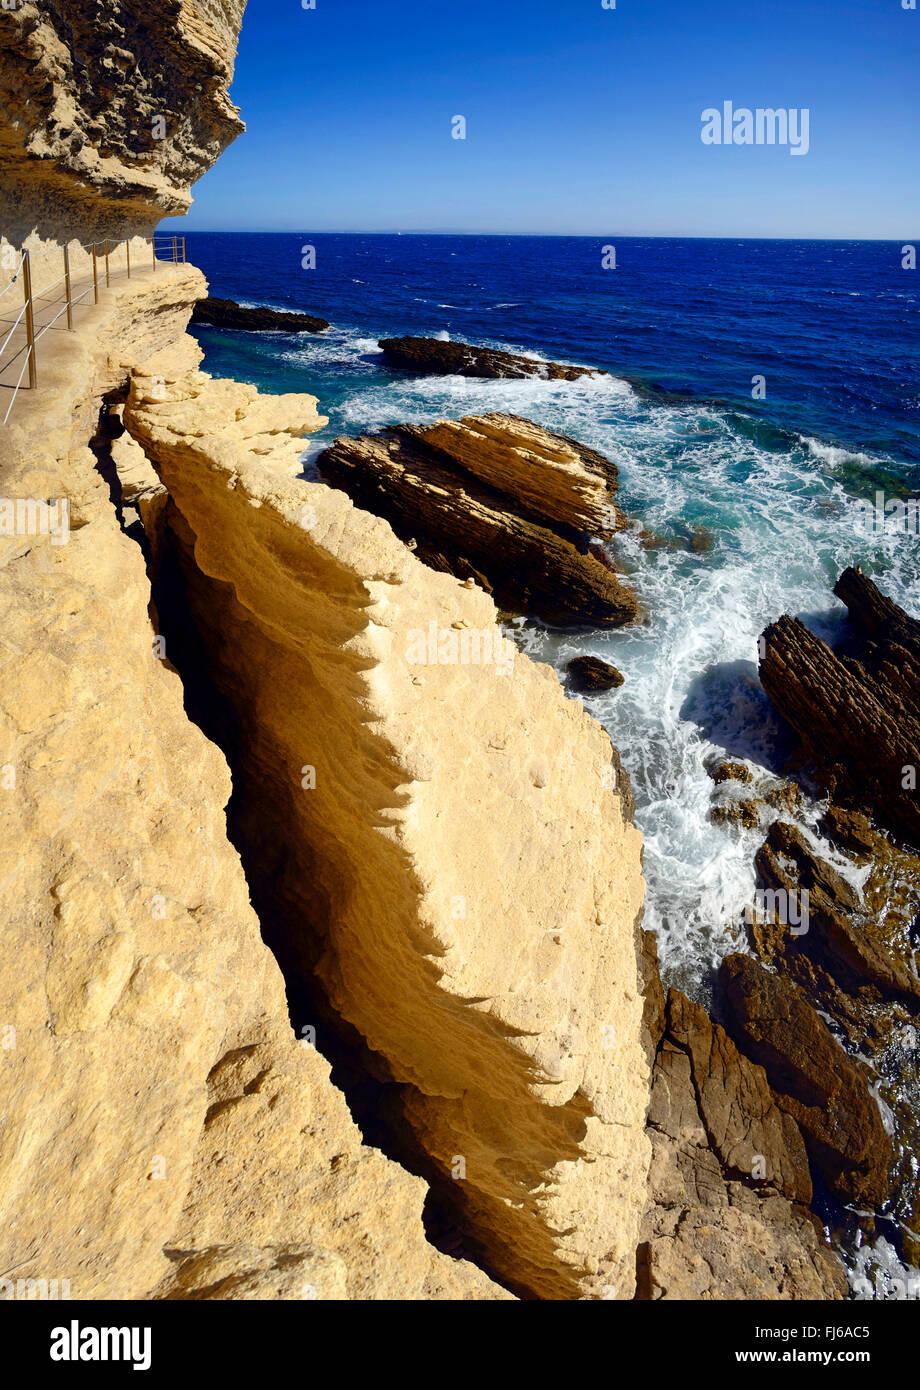 """Sentier à la côte escarpée, les dessous de """"escalier du roi d'Aragon"""", France, Corse, Photo Stock"""